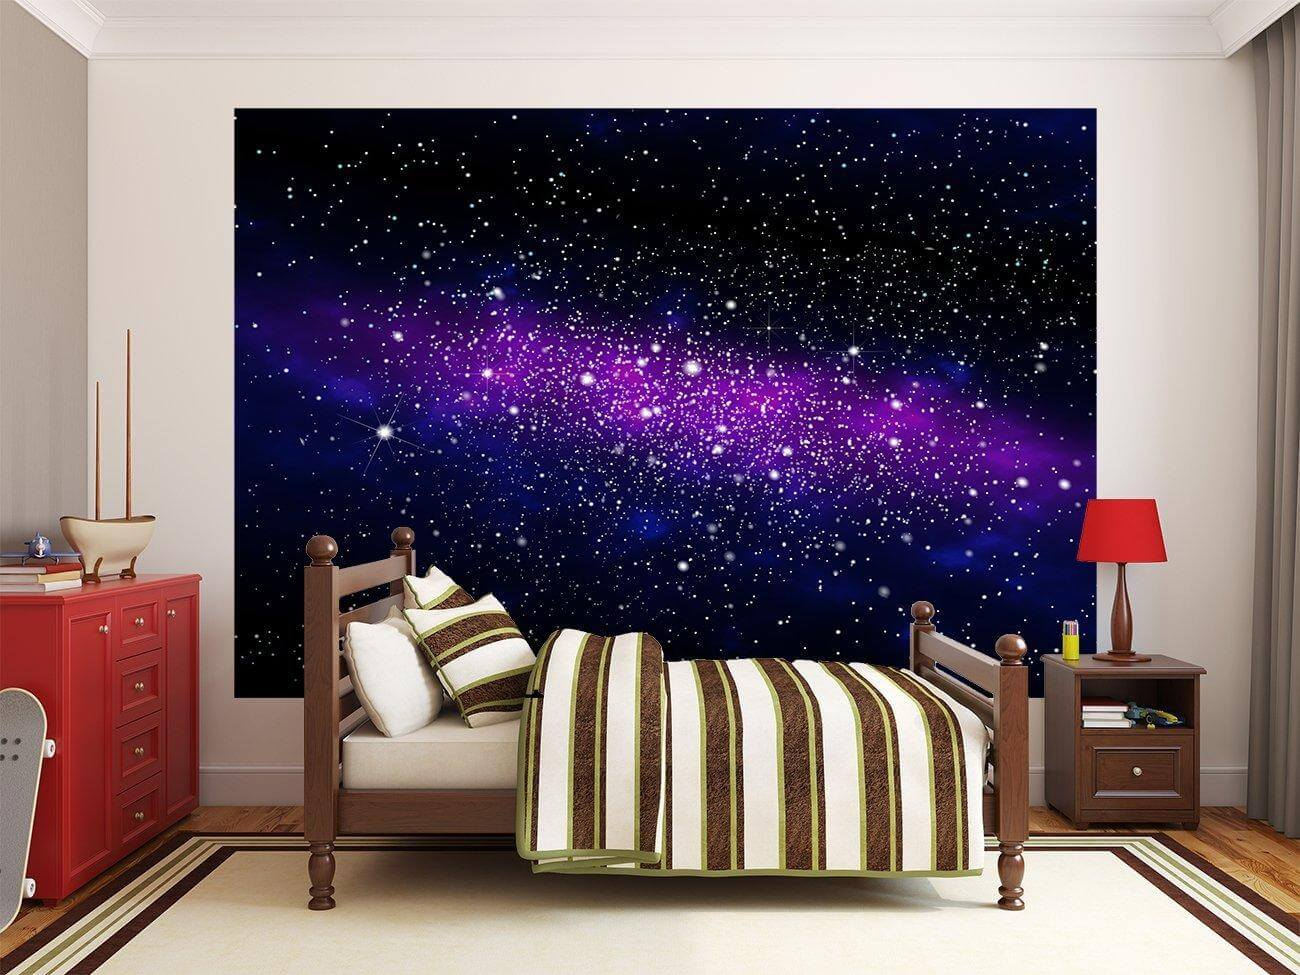 Fototapete galaxy dekotapete sternenhimmel welltall for Fototapete babyzimmer